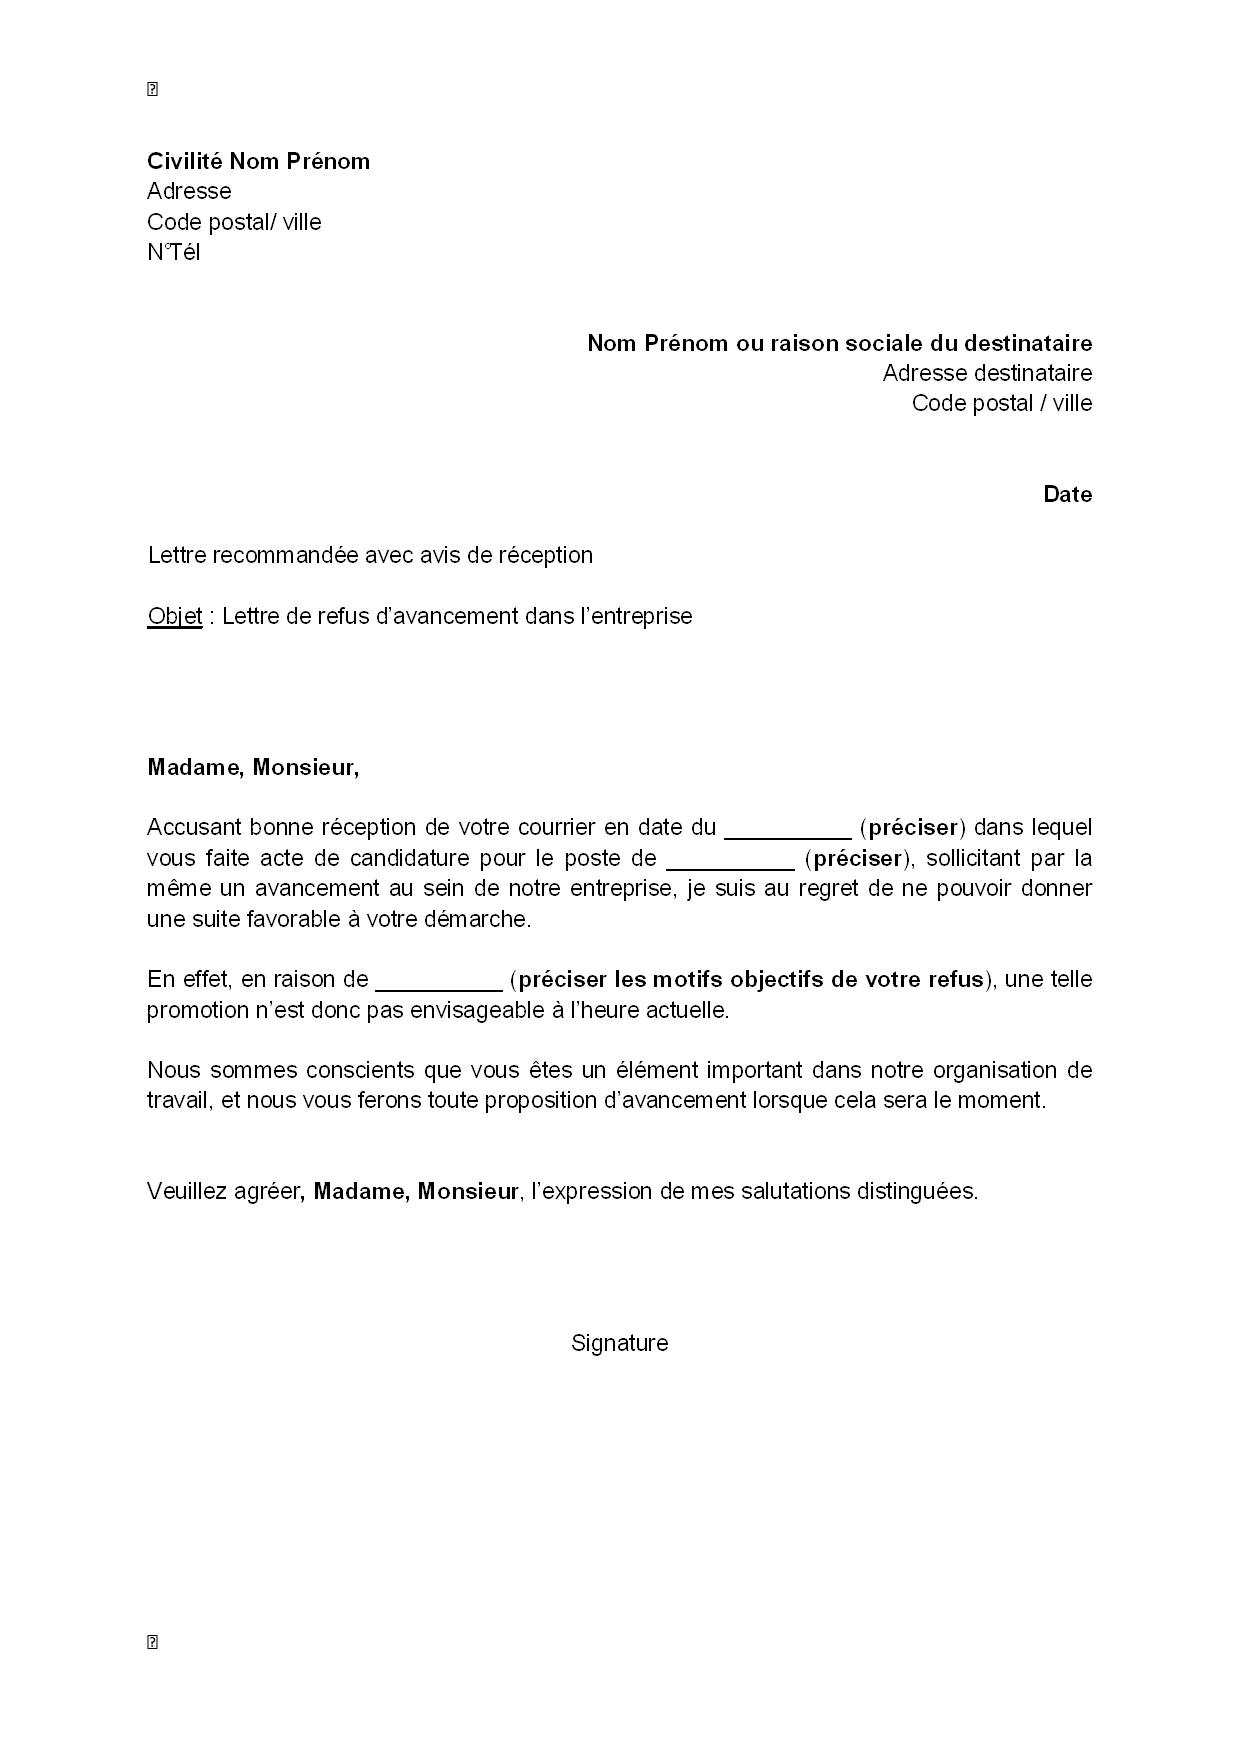 exemple gratuit de lettre refus  par employeur  avancement